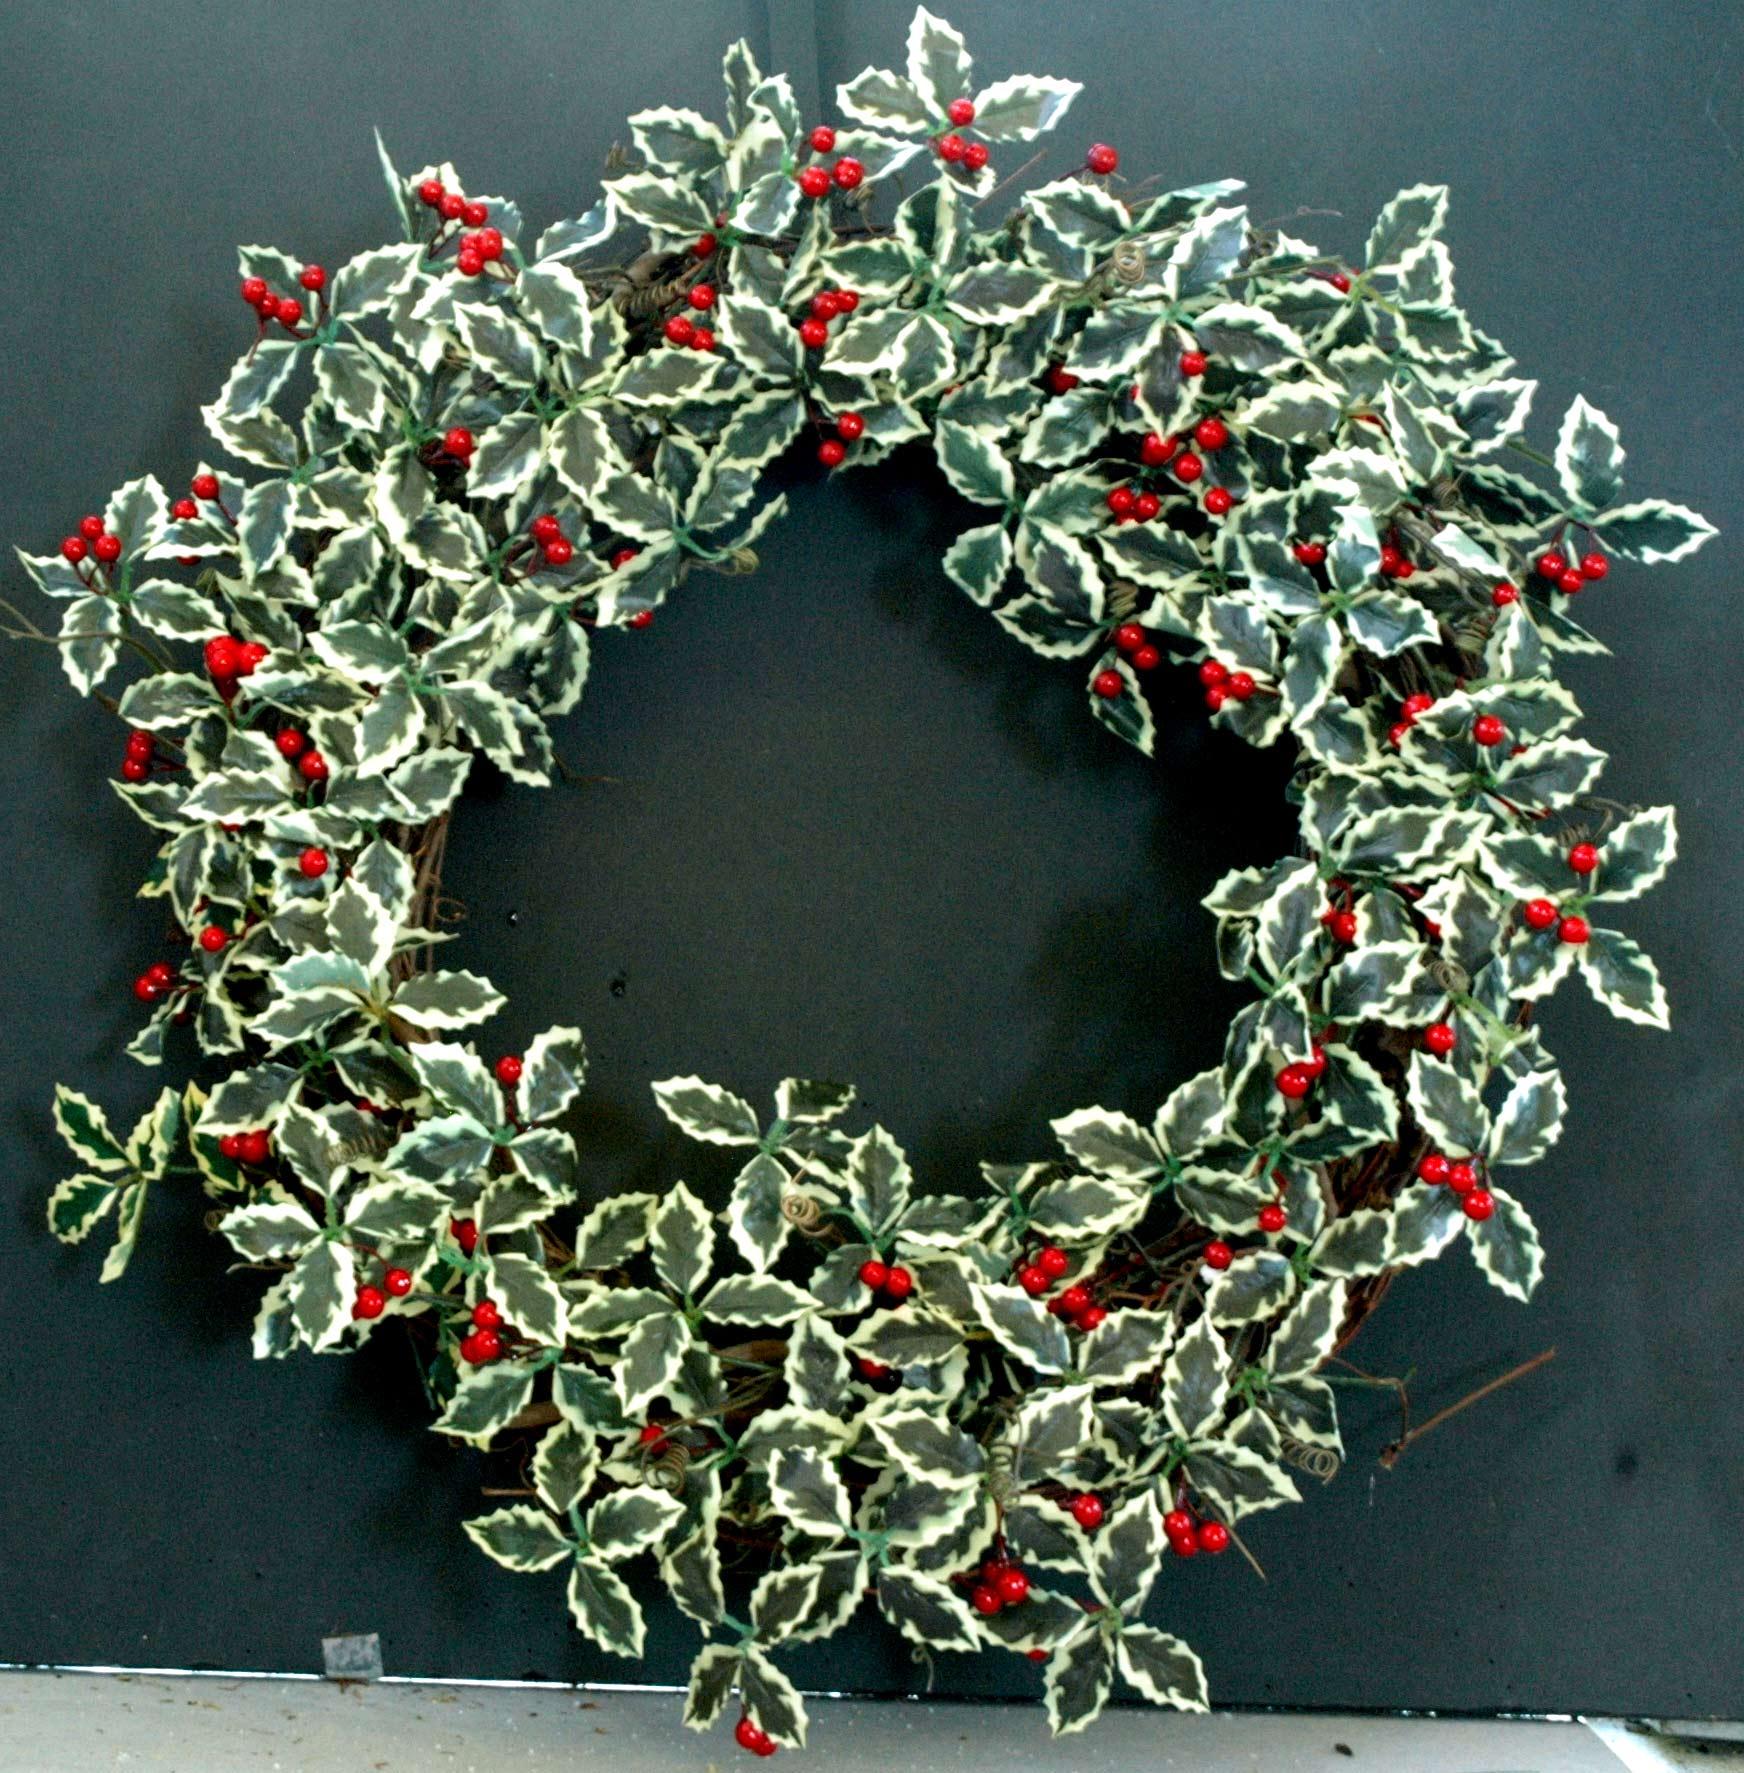 Addobbi natalizi per la casa le ghirlande - Decori natalizi per finestre fai da te ...